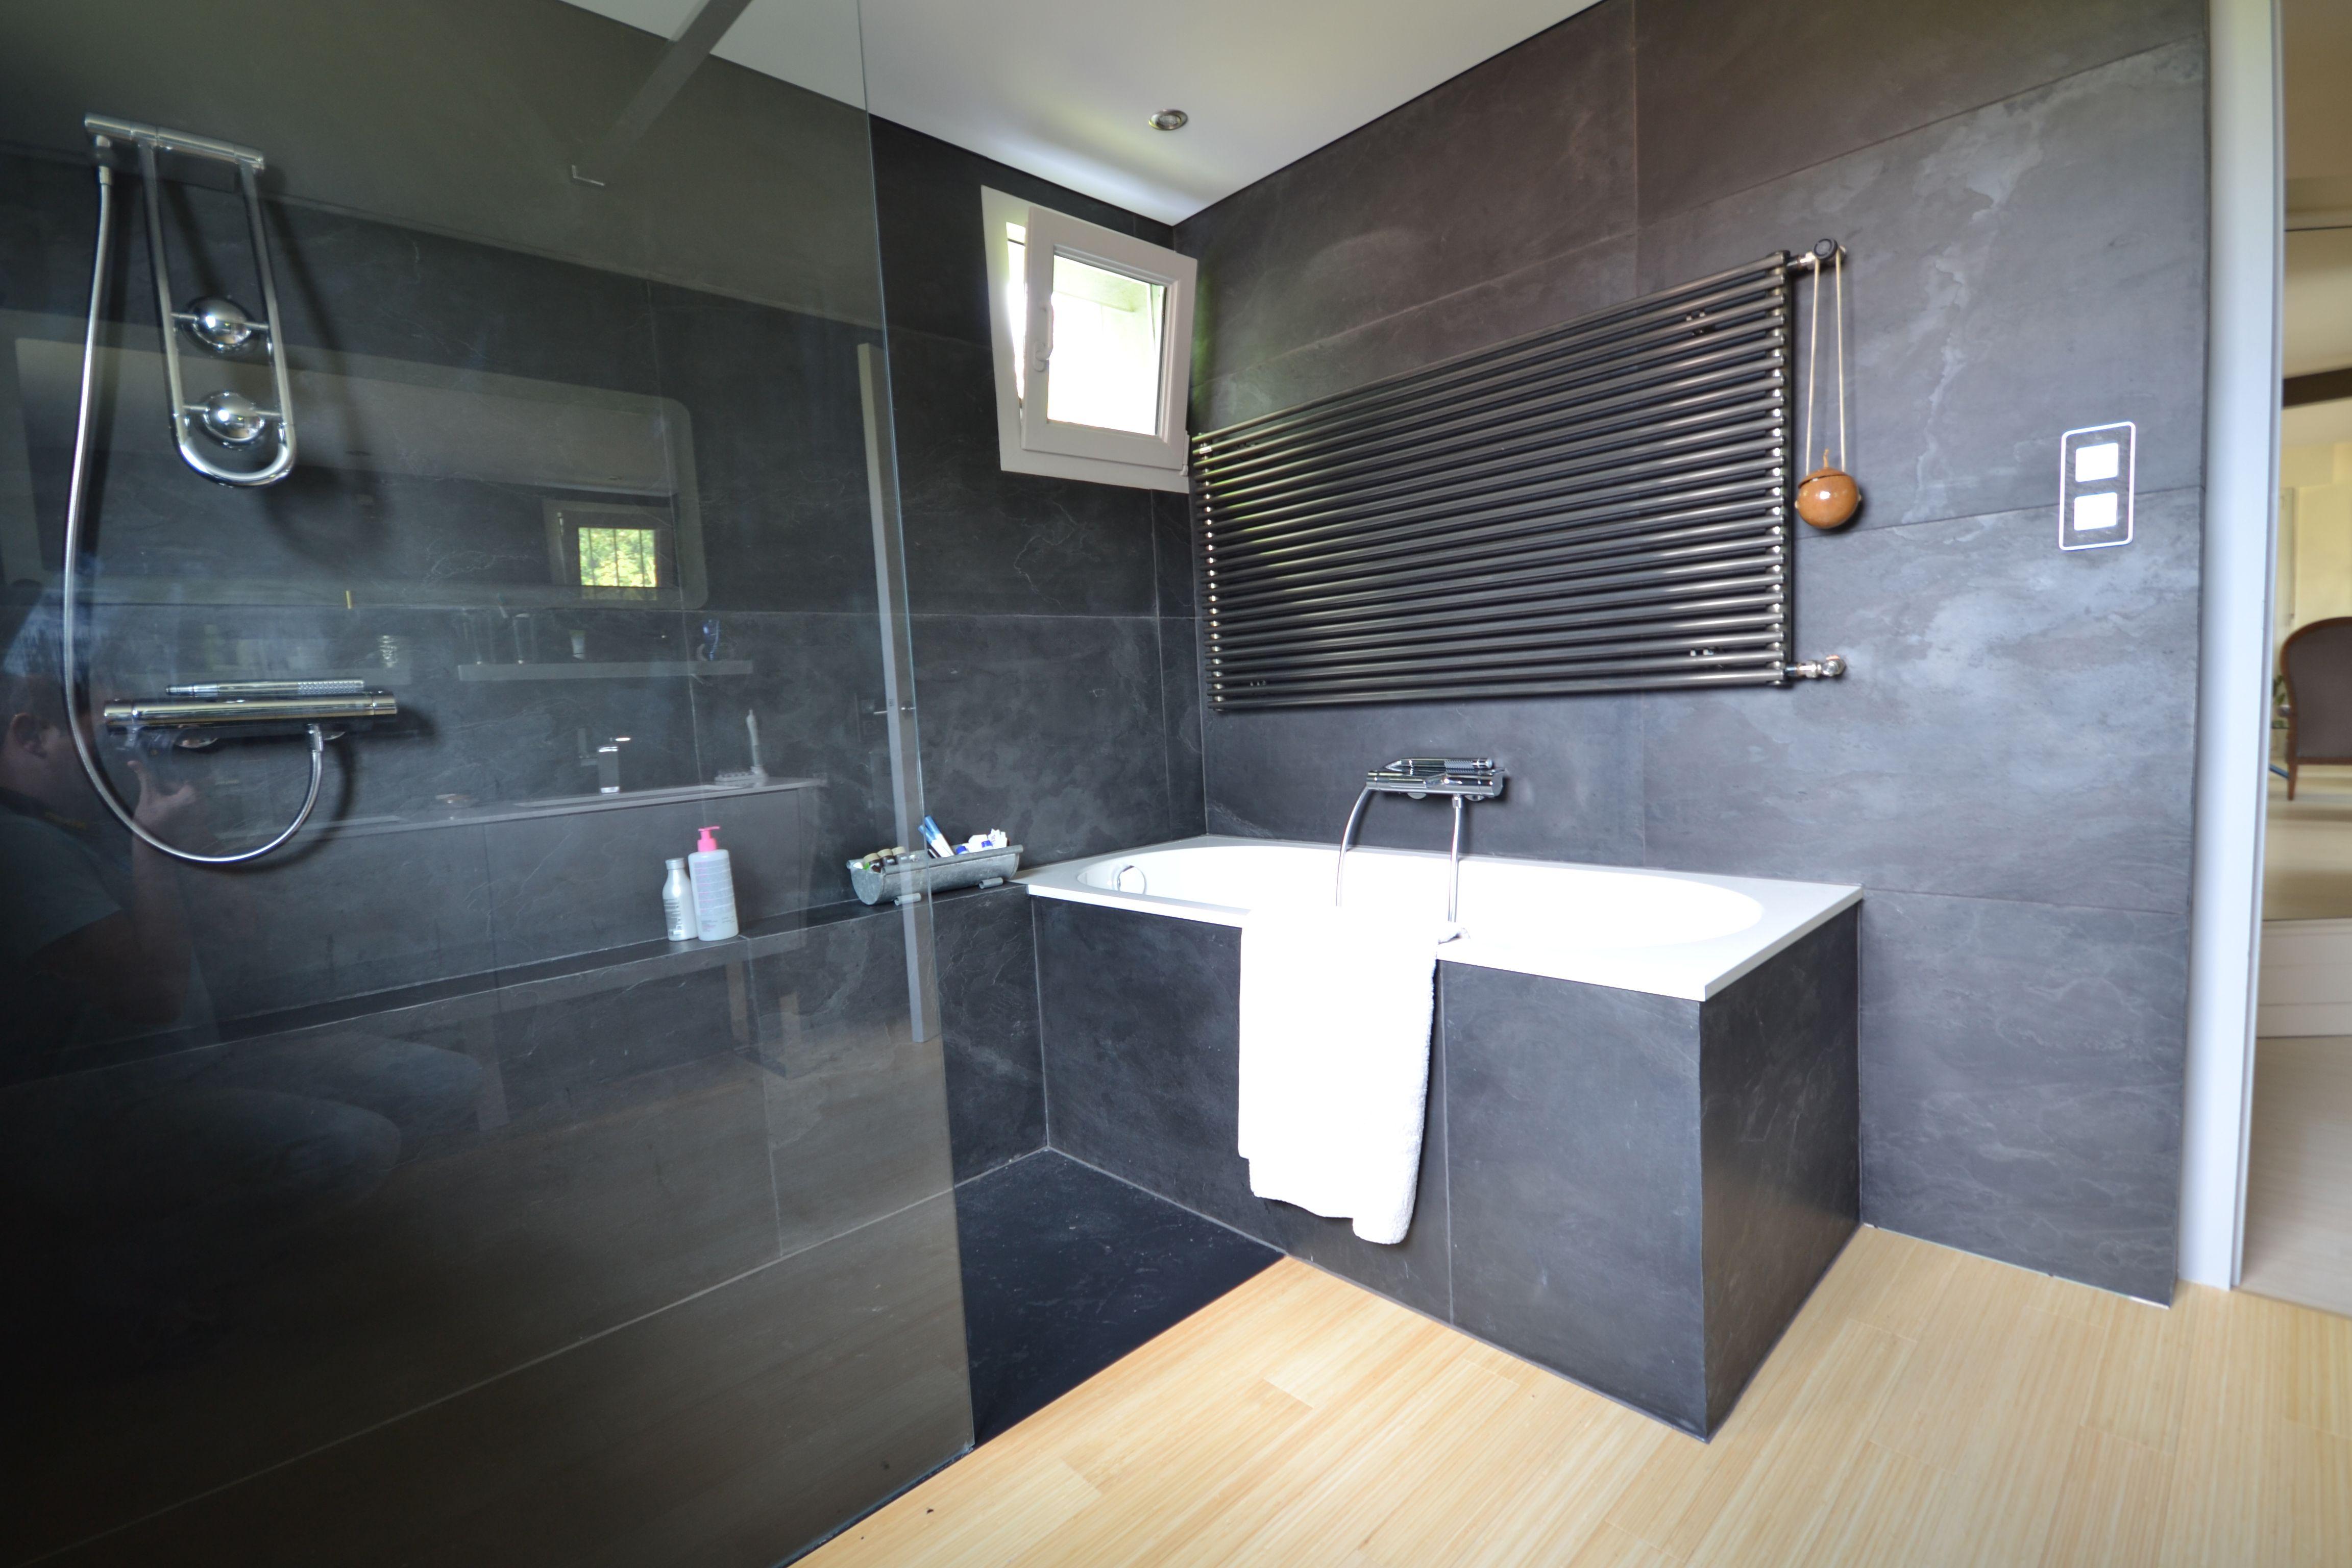 salle de bain completement renovee avec